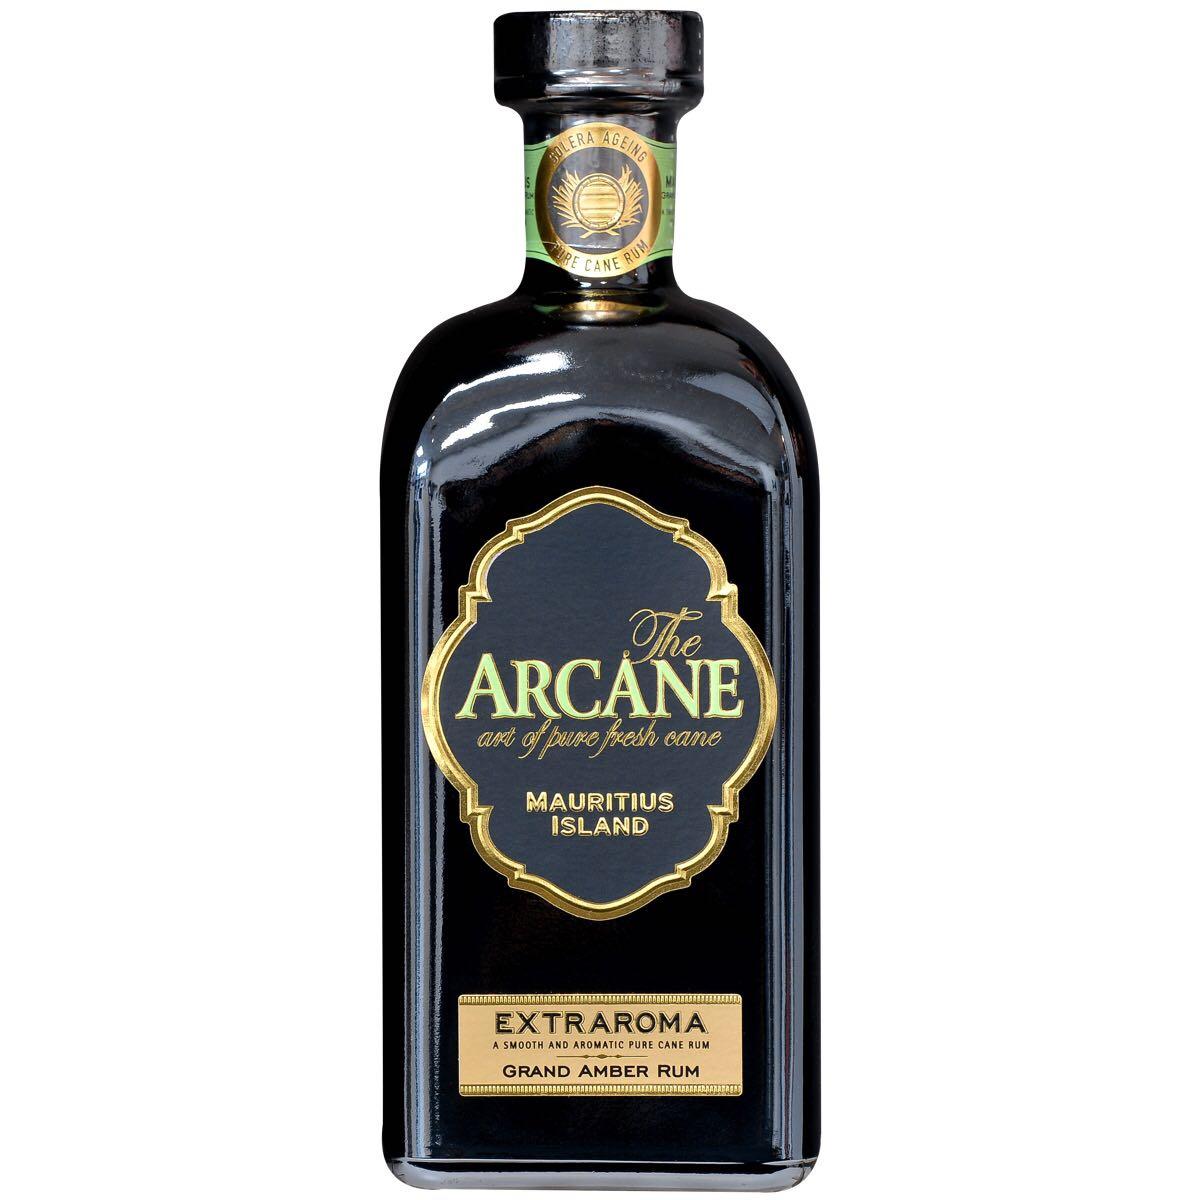 Bottle image of Arcane Extraroma Grand Amber